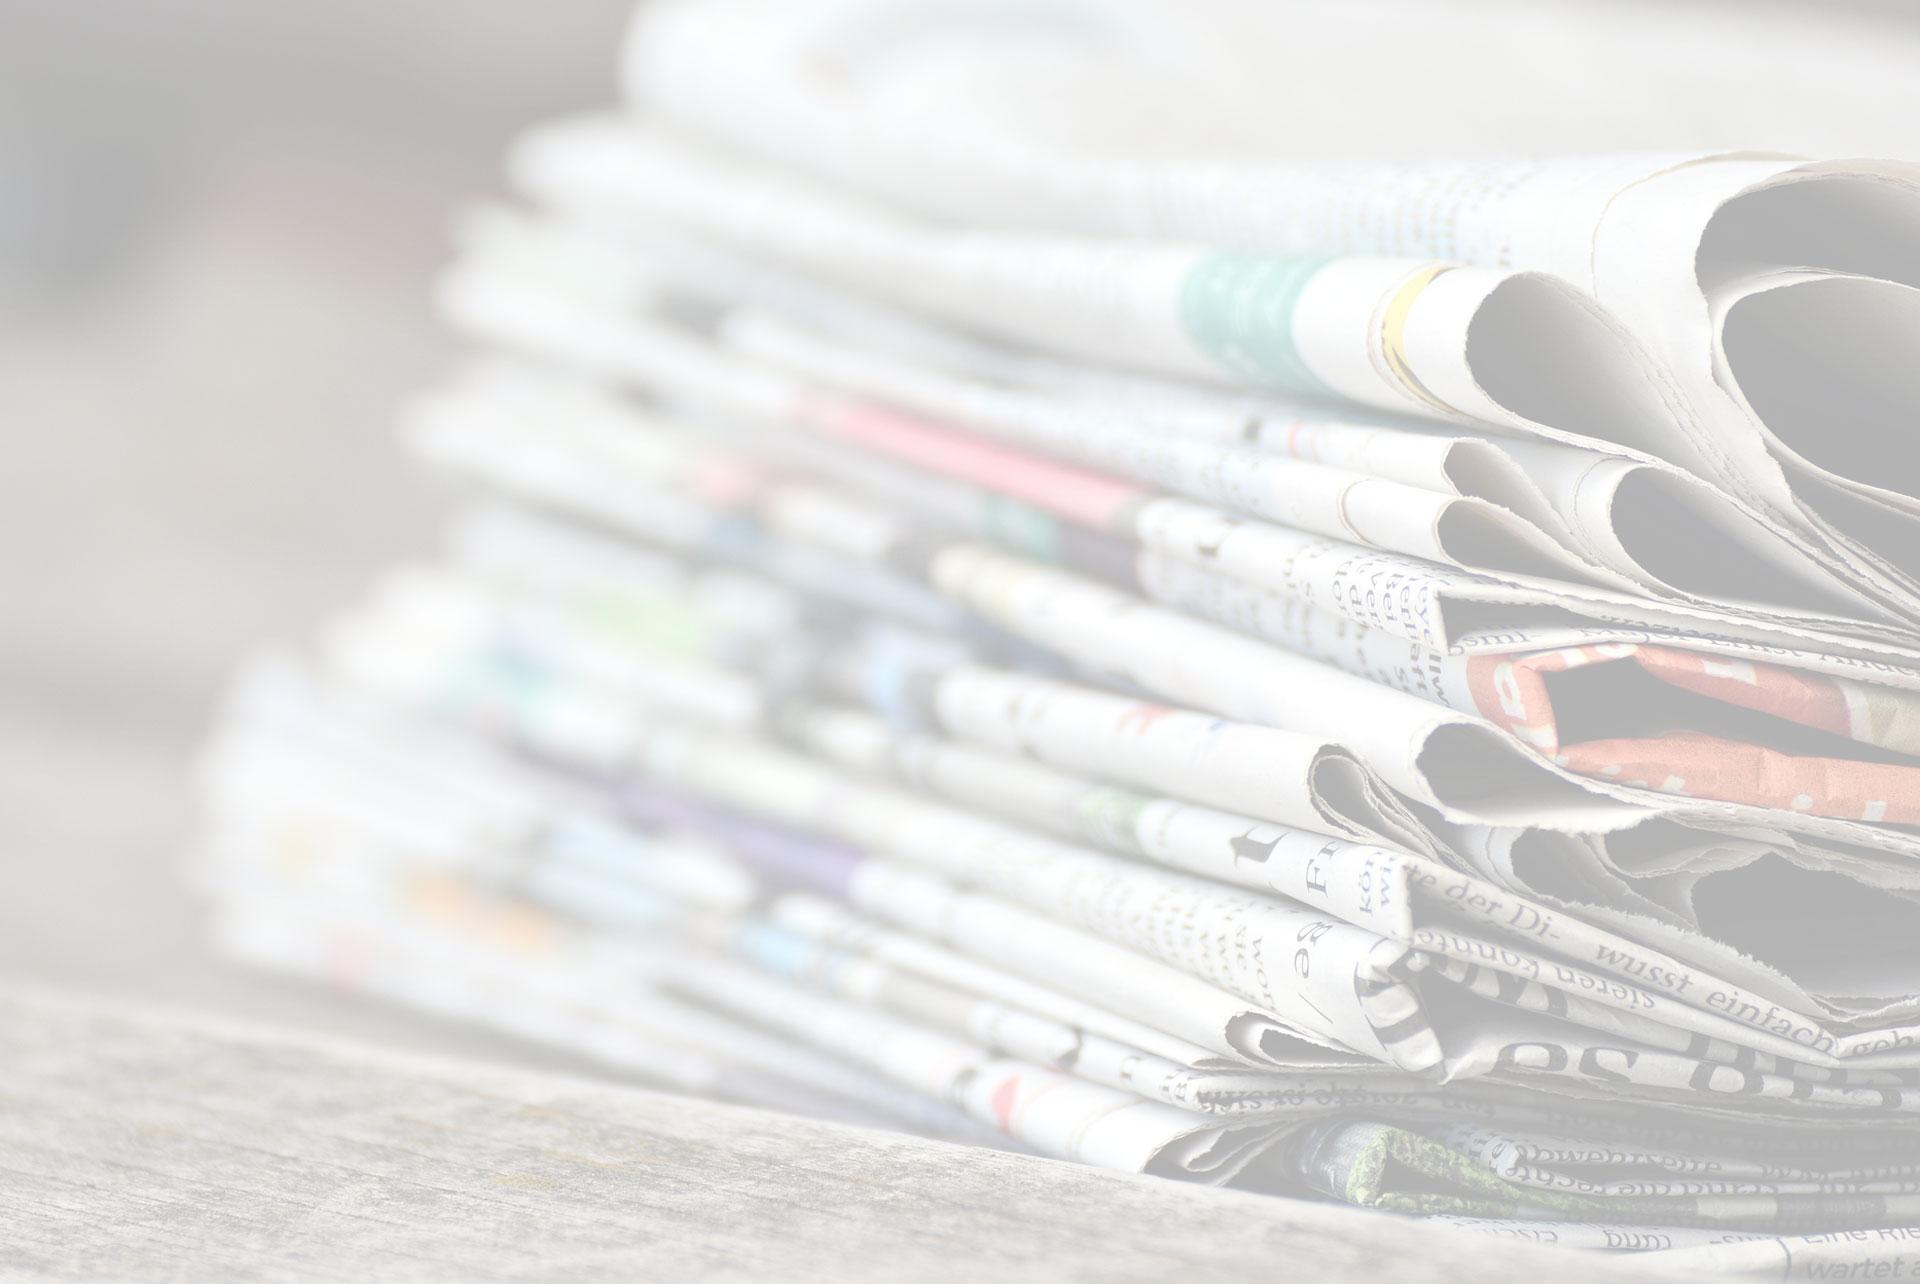 Strage di Bologna, la Procura chiede il rinvio a giudizio per Paolo Bellini